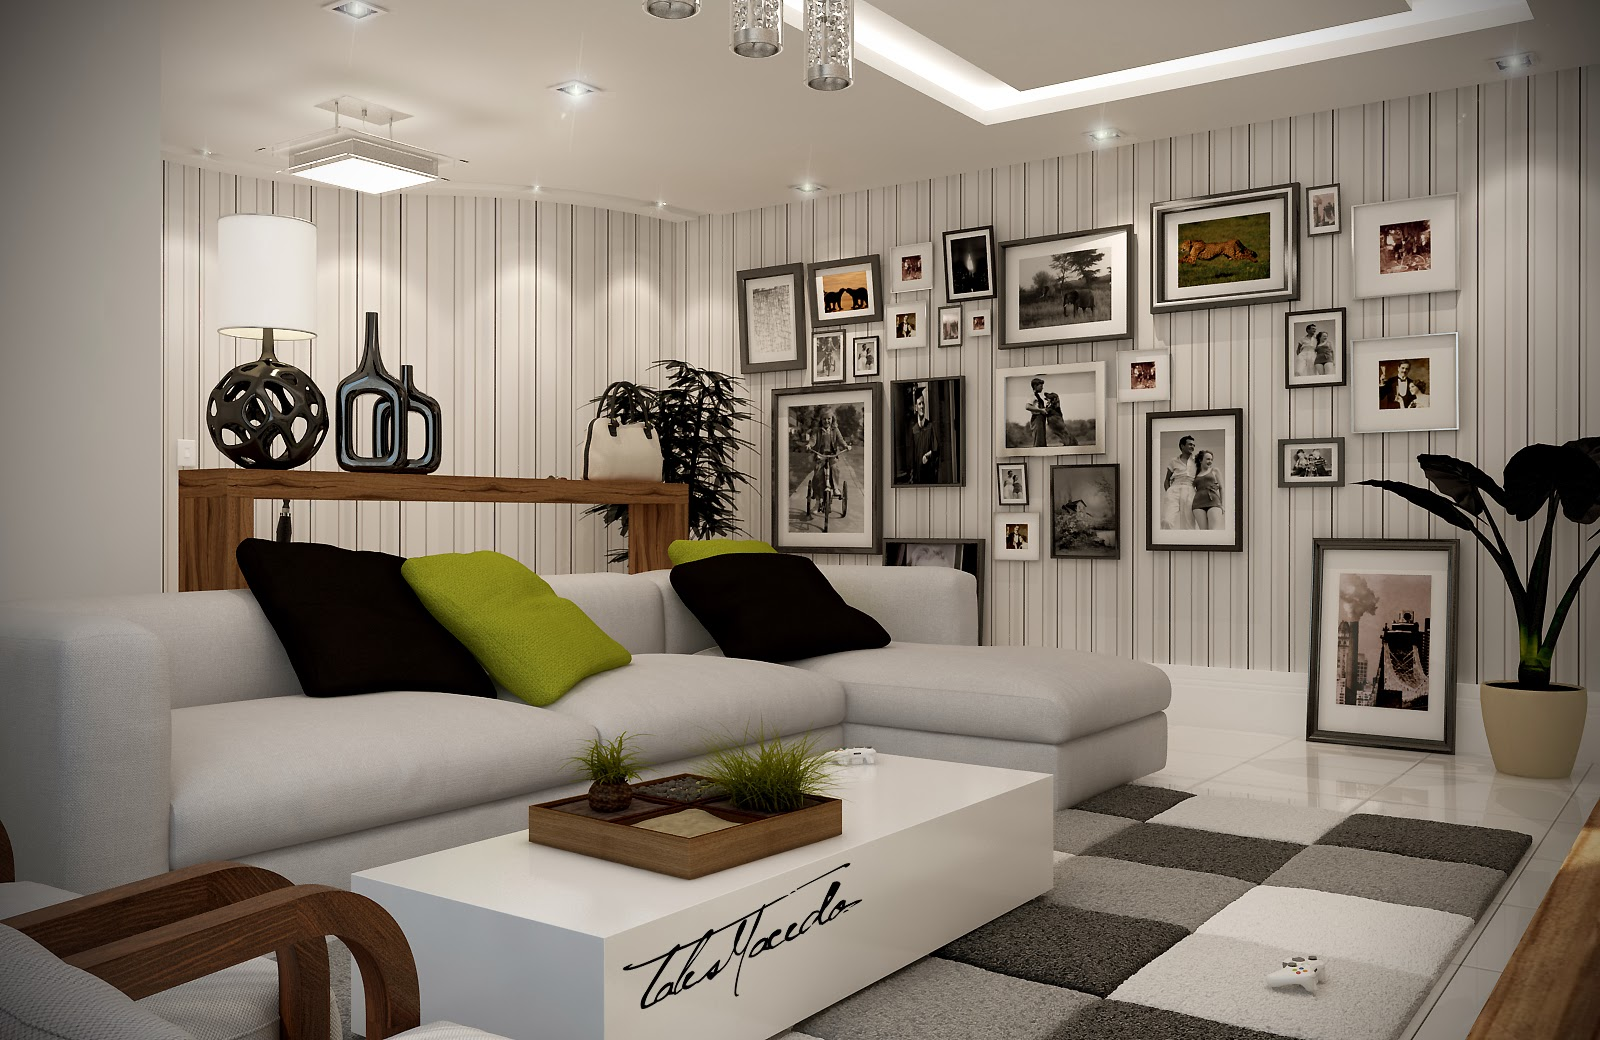 decoracao de interiores tendencias:para a decoração de interiores. Quase todos eles contribuem para